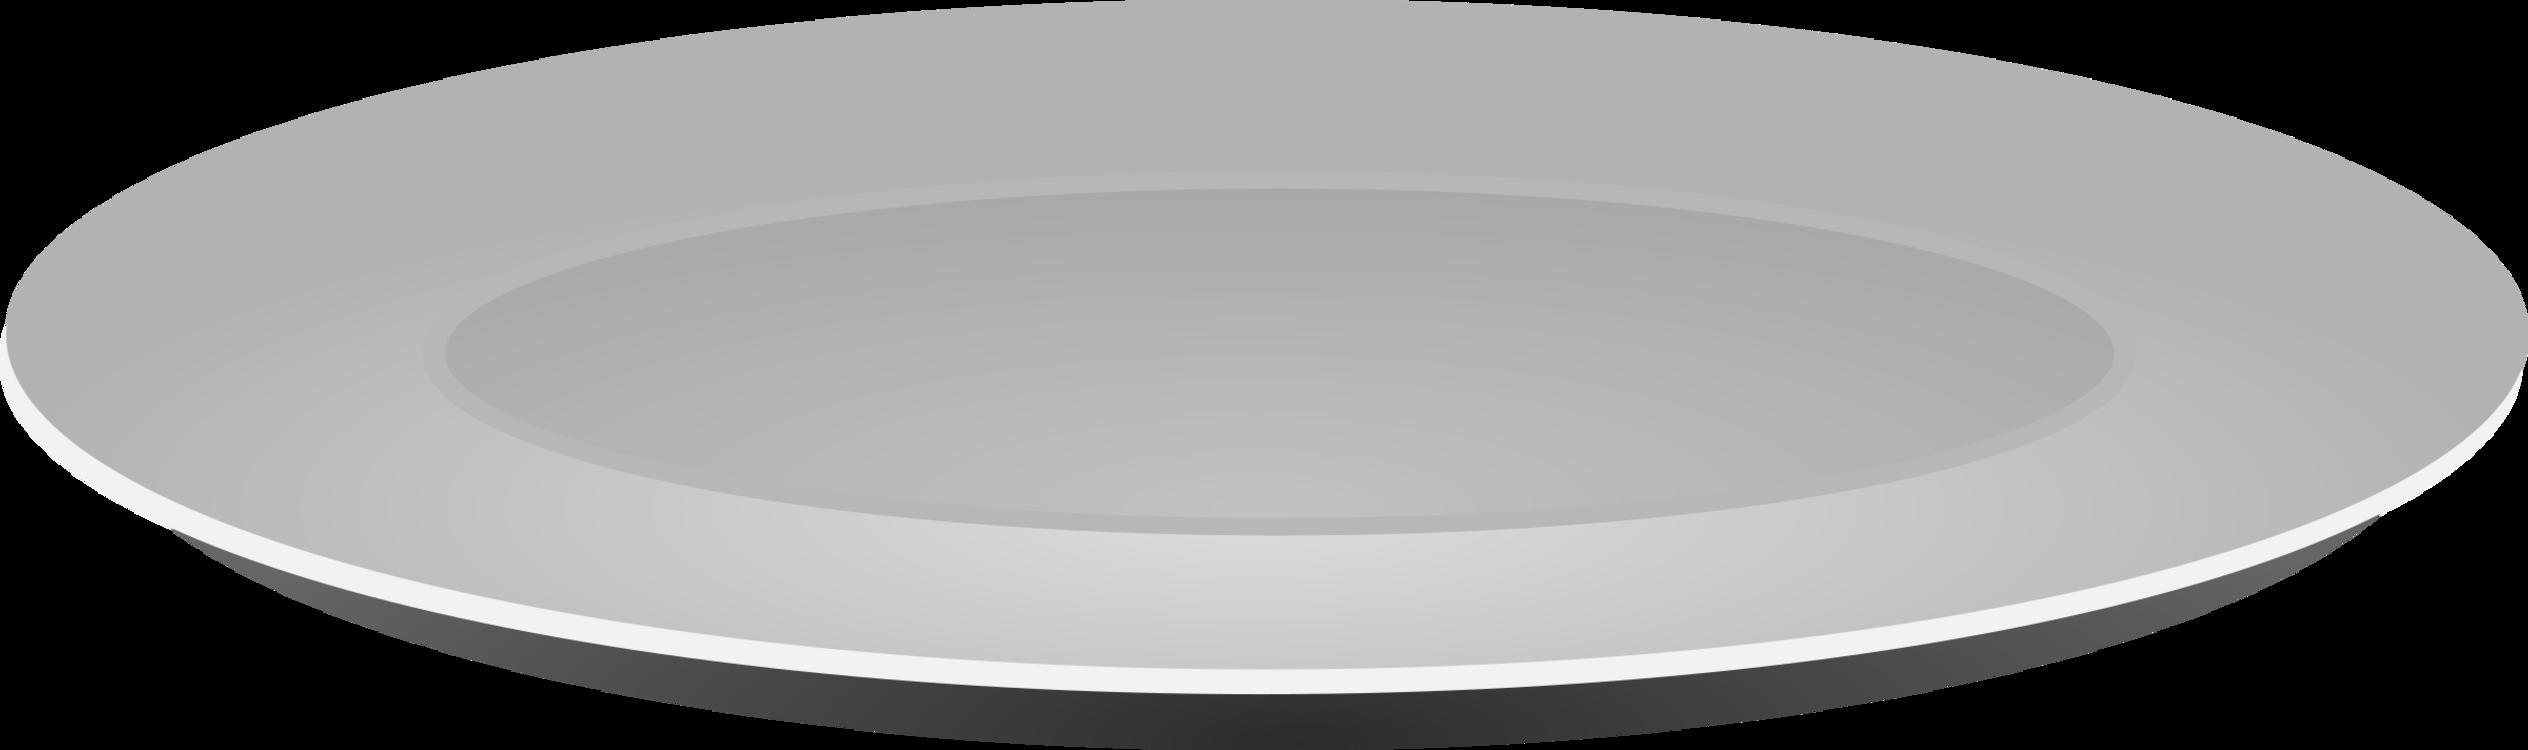 Dishware,Tableware,Circle